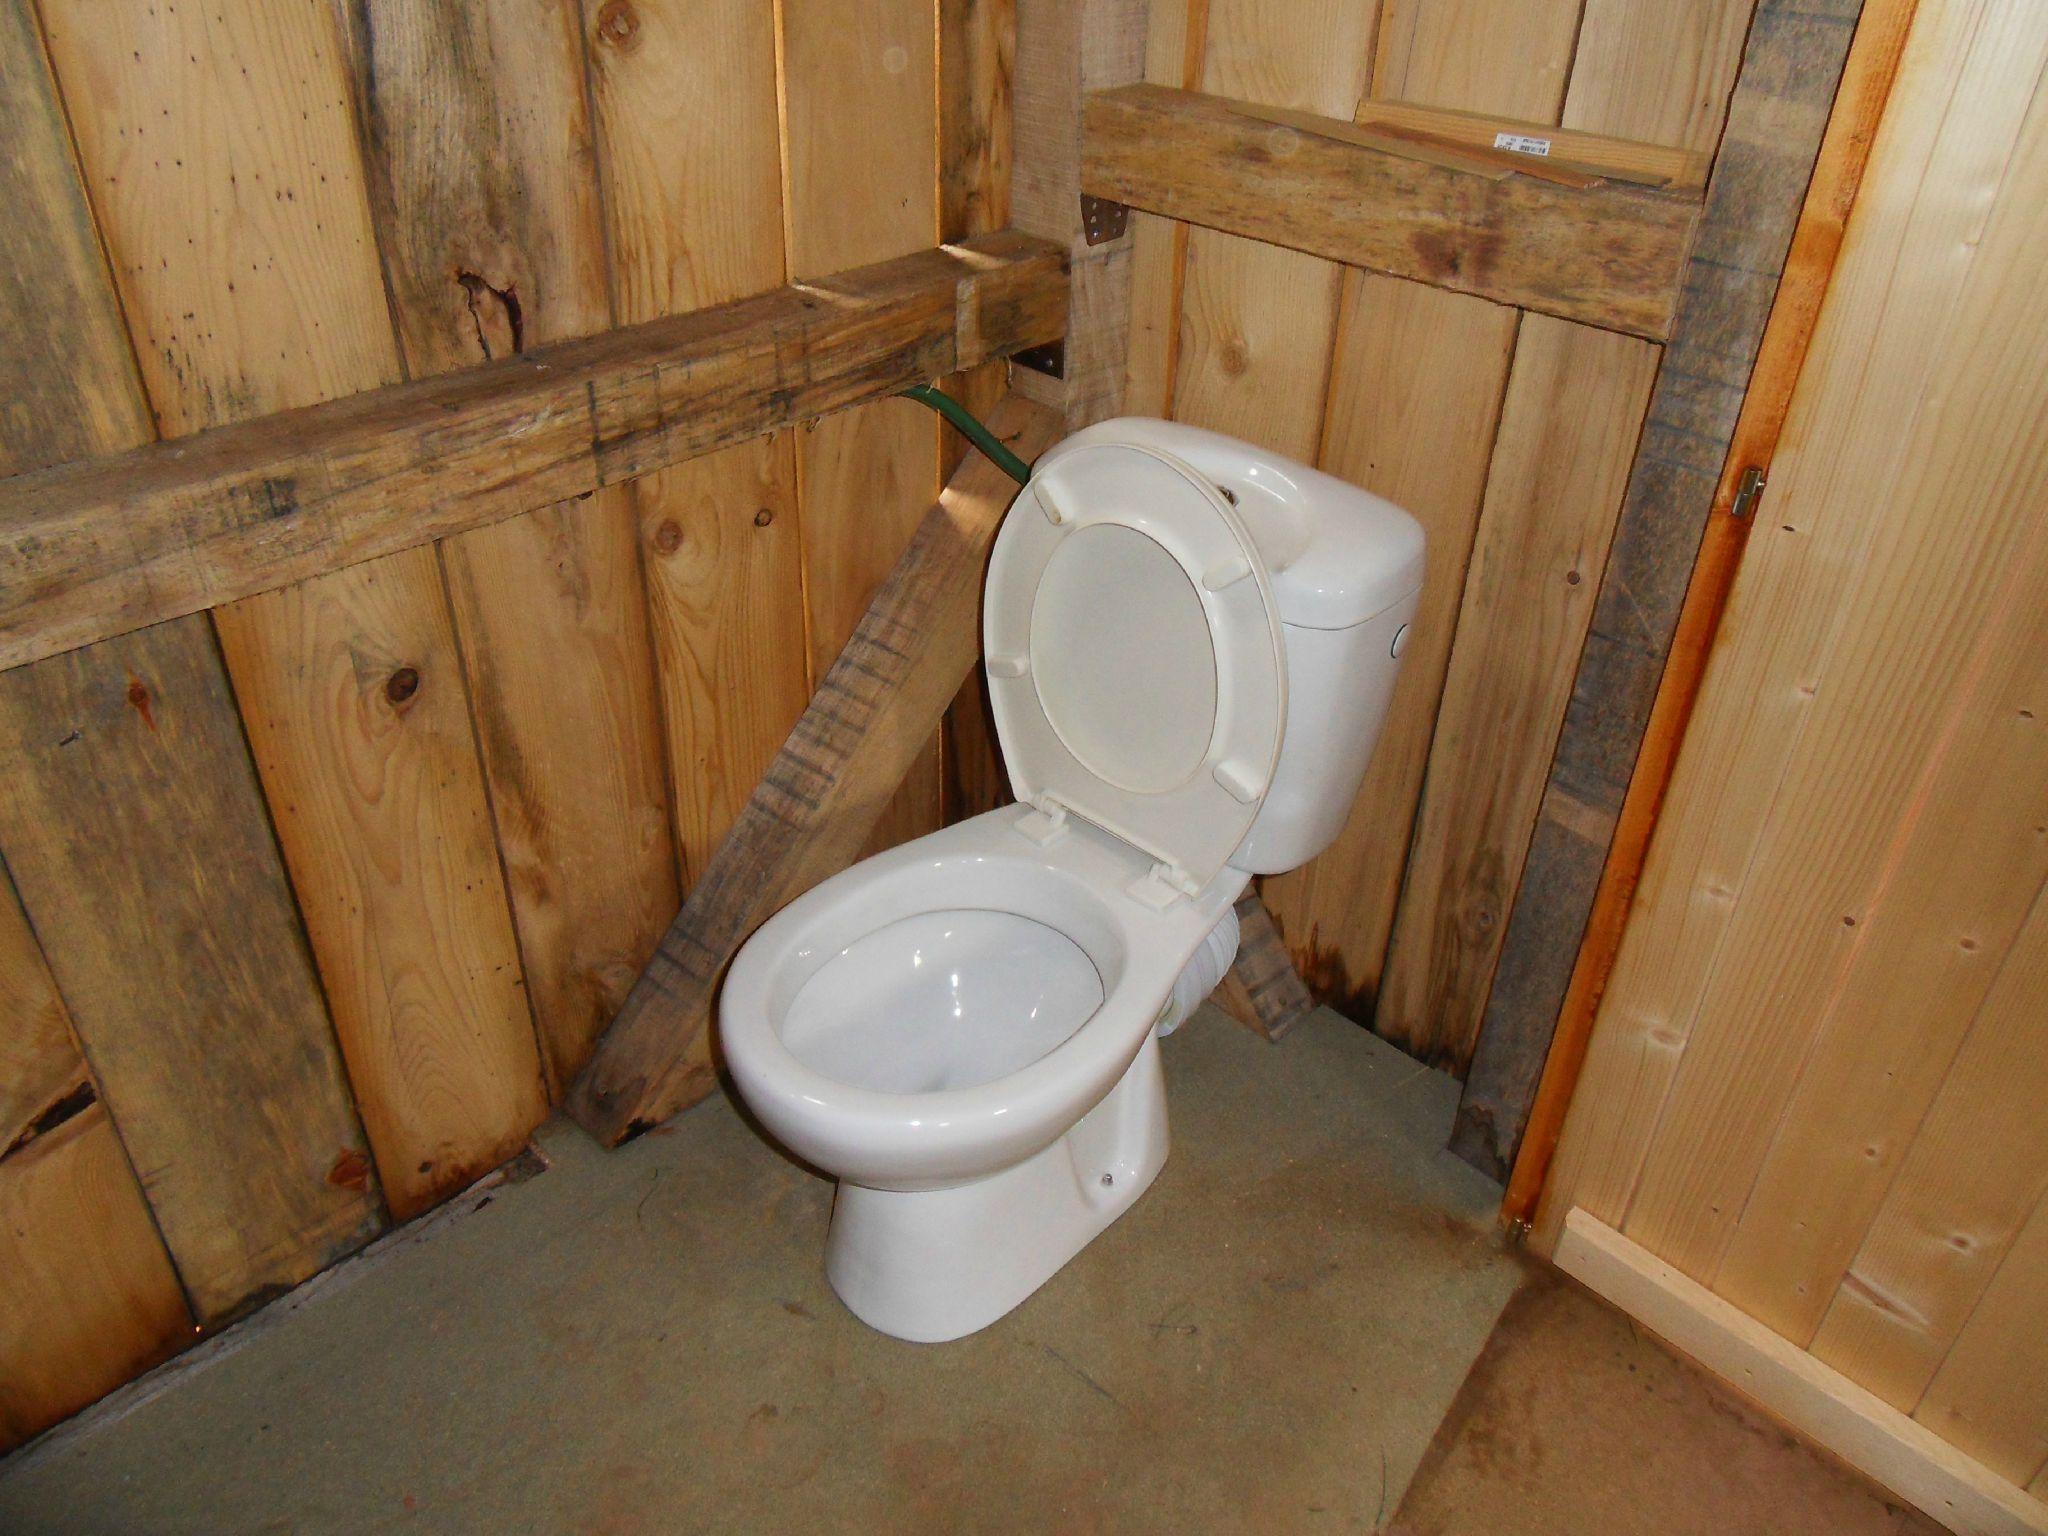 mise en place du bloc wc photo de fosse septique bienvenue sur tang et chalet. Black Bedroom Furniture Sets. Home Design Ideas